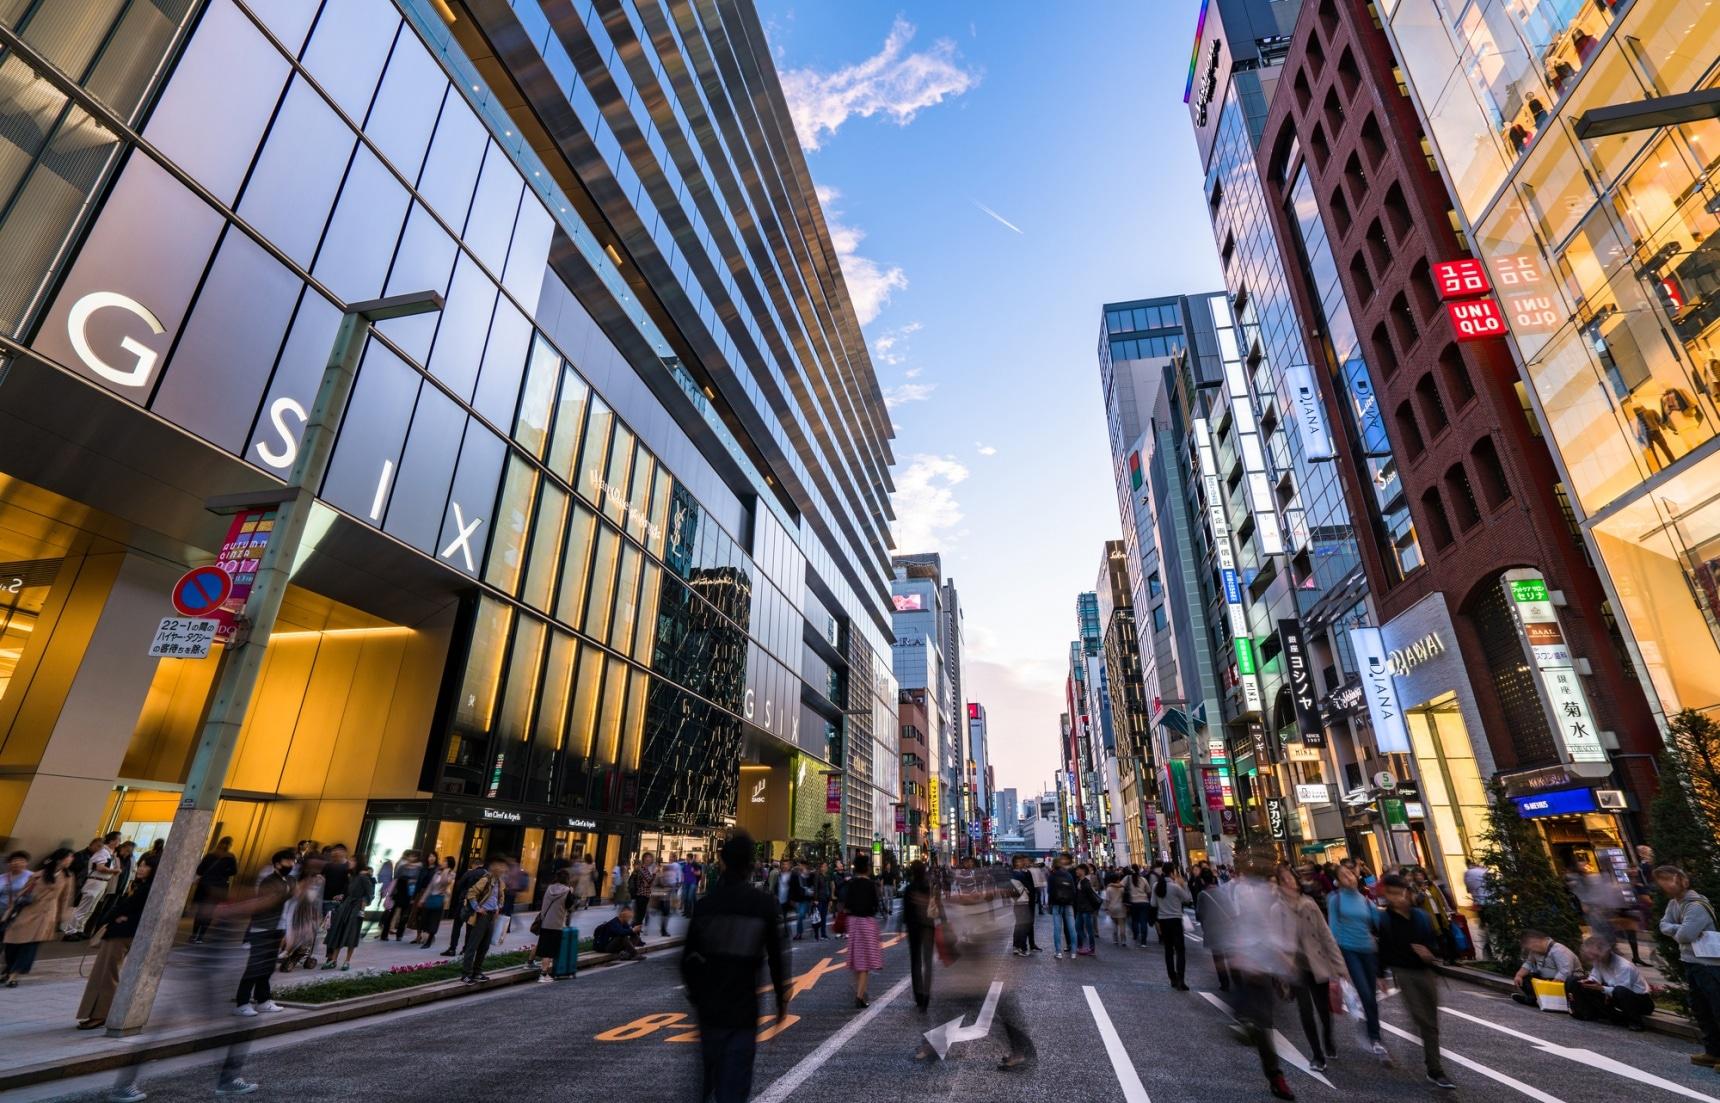 【日本購物】東京一站式購物景點 讓你買到失心瘋